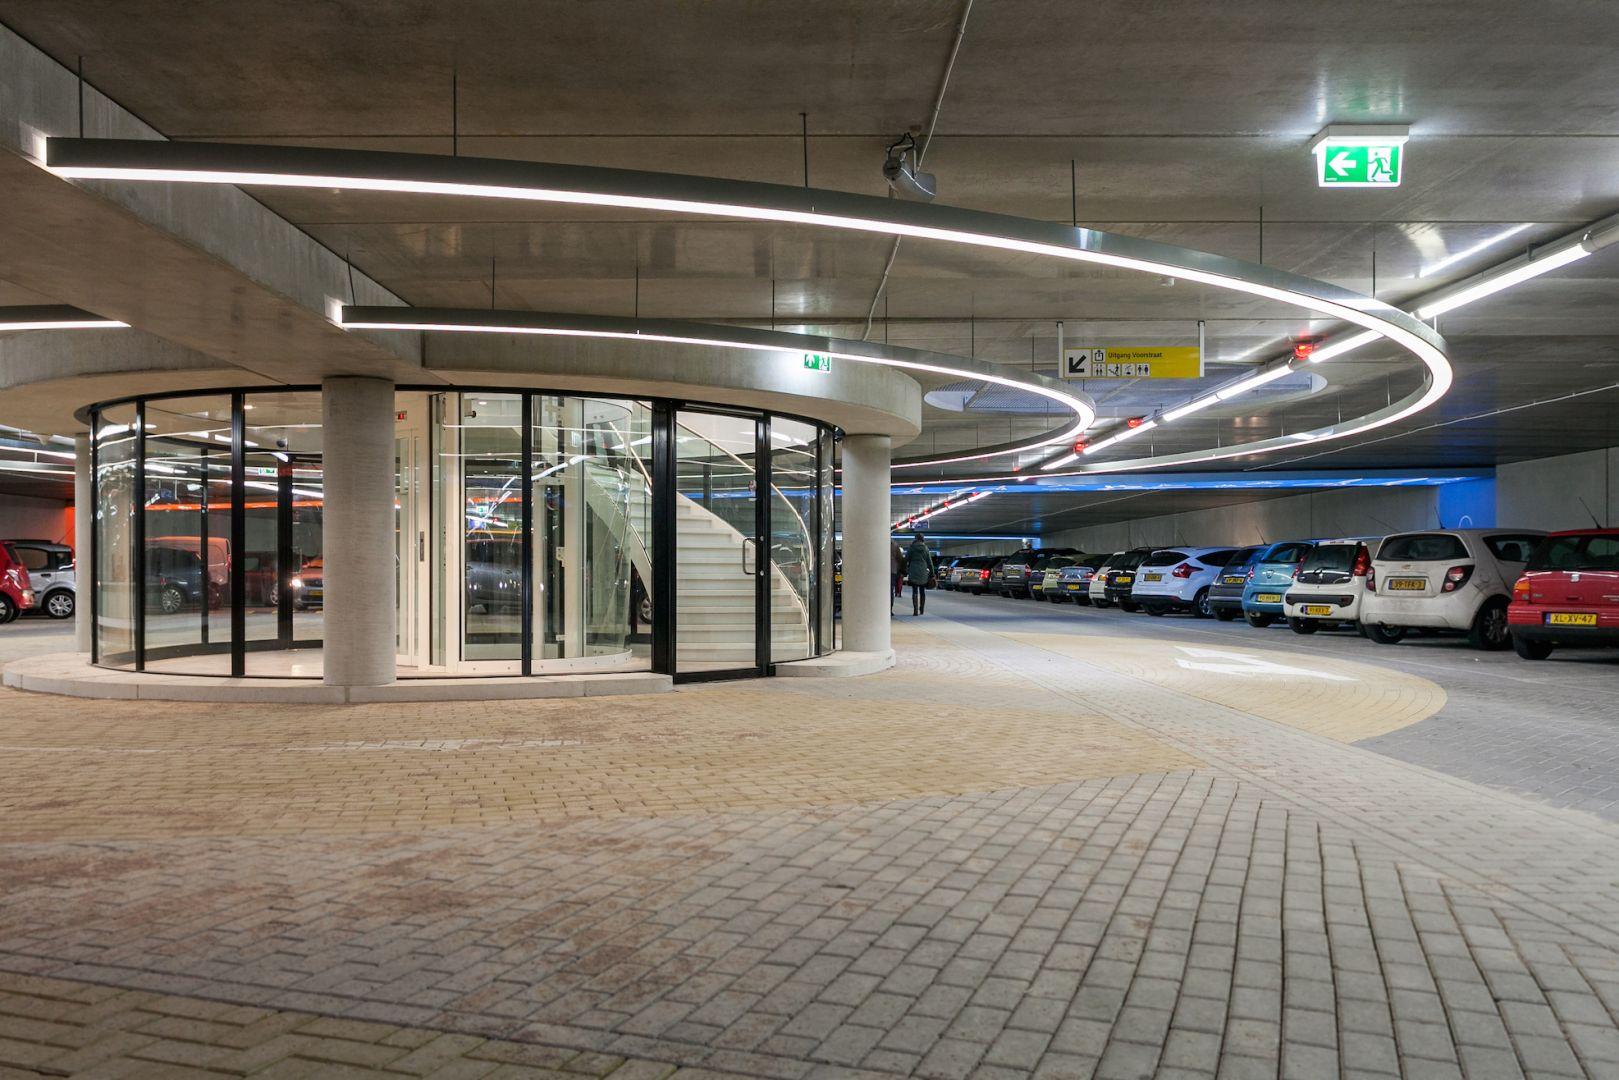 Etude de faisabilit de parking lyon audit et for Garage du park mouans sartoux